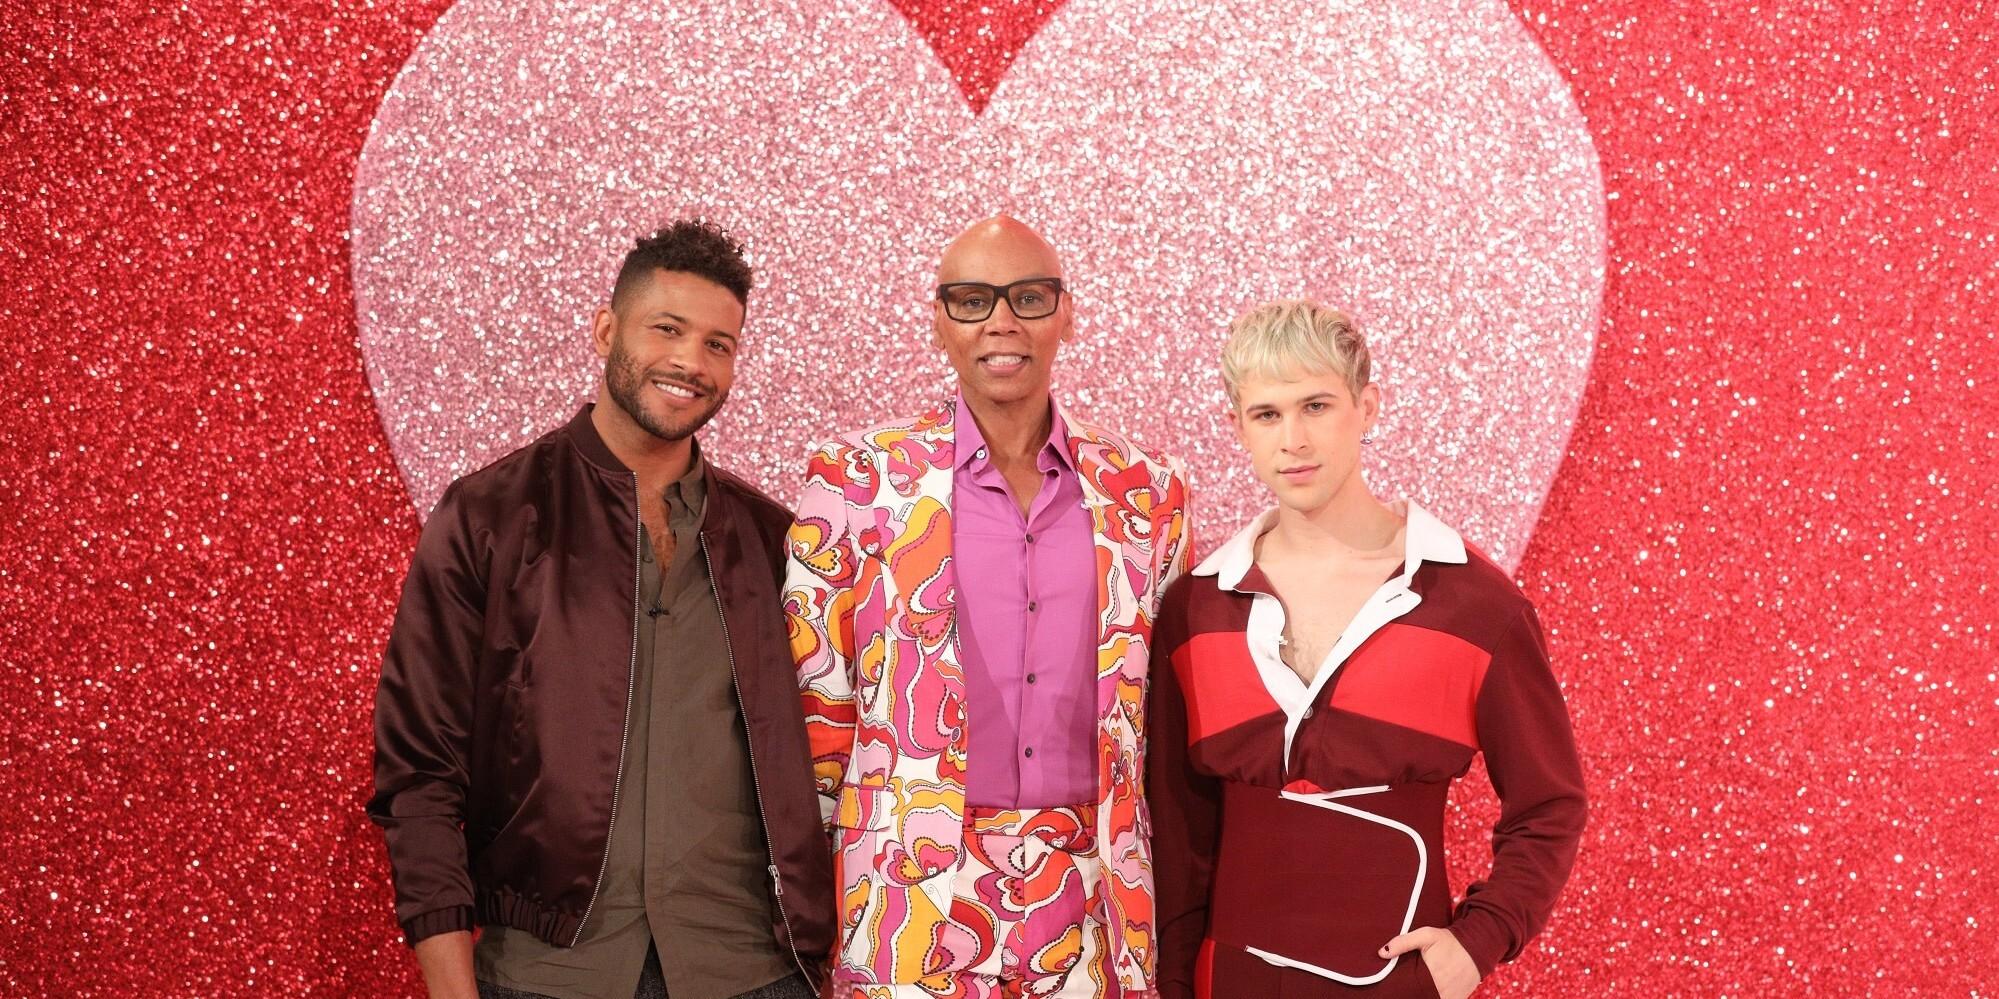 RuPaul's Drag Race All Stars Season 5 Episode 6